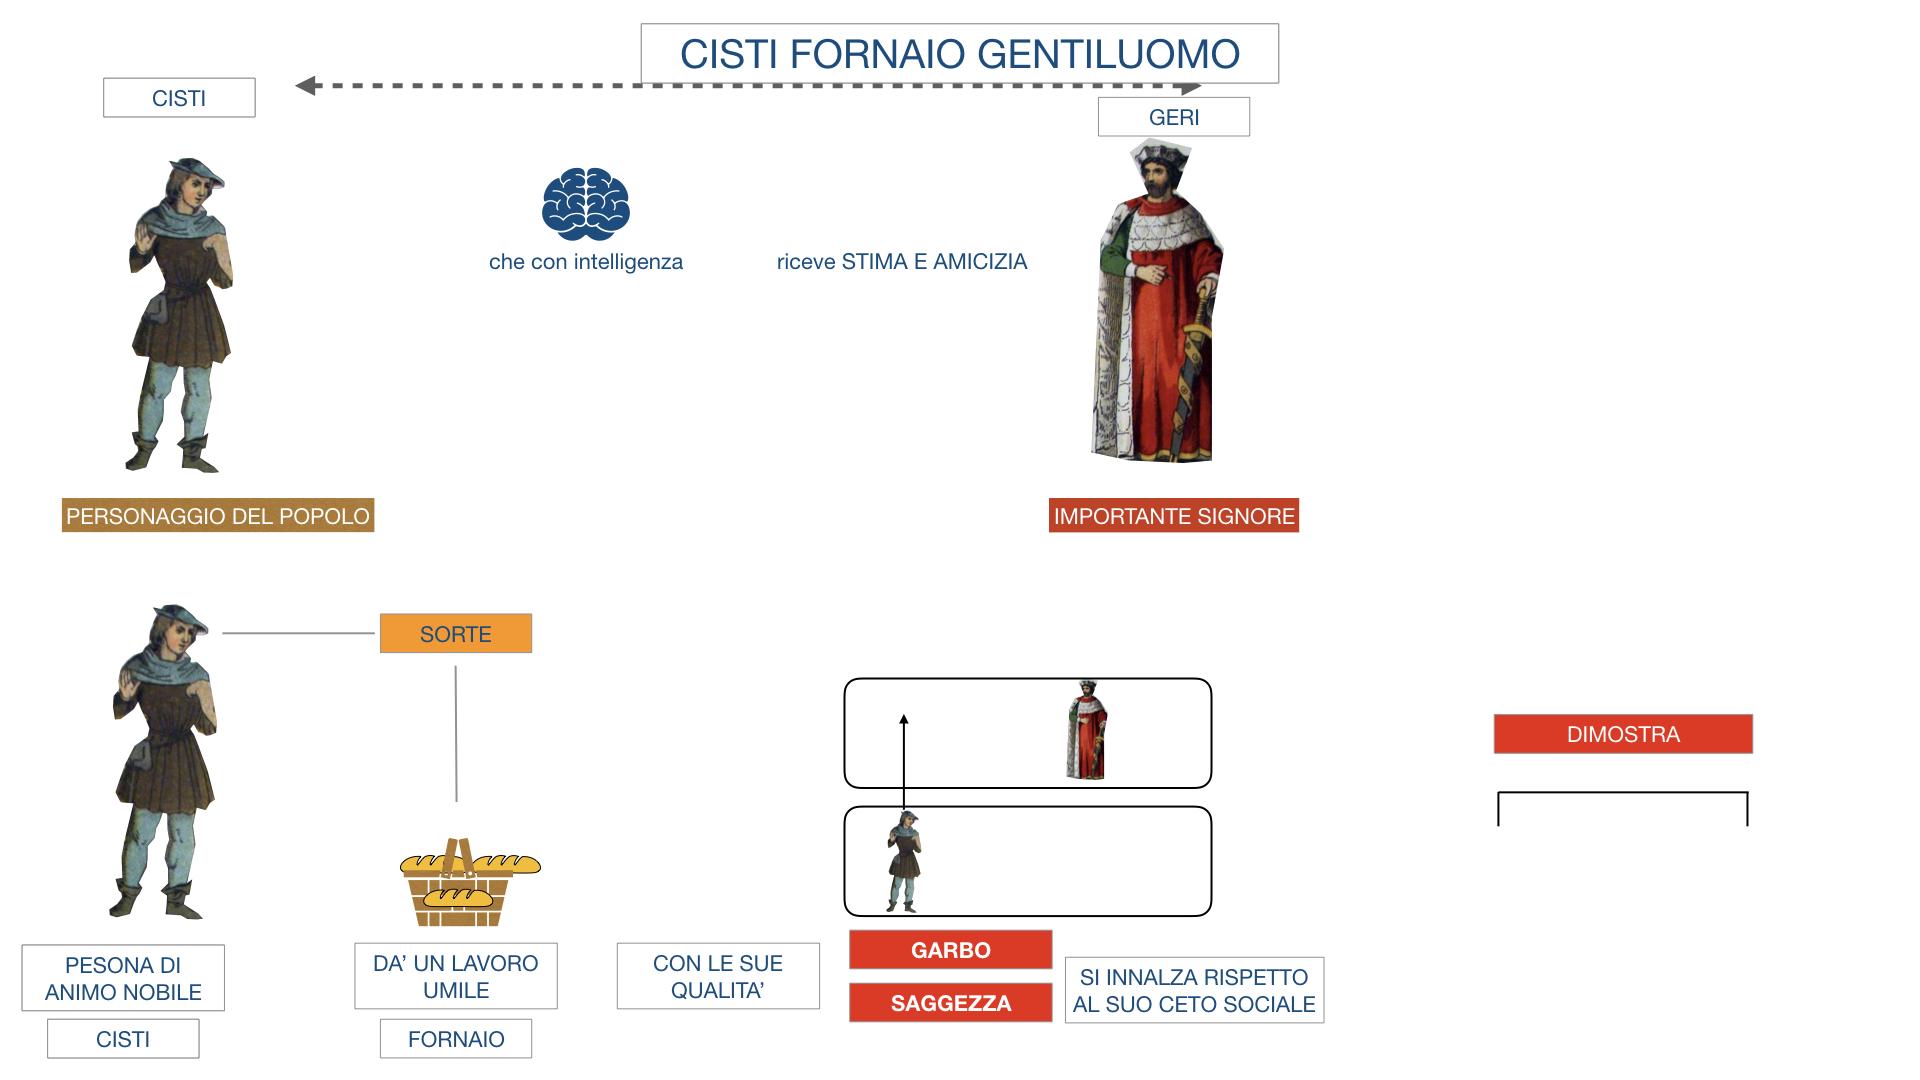 CISTI IL FORNAIO_SIMULAZIONE .015